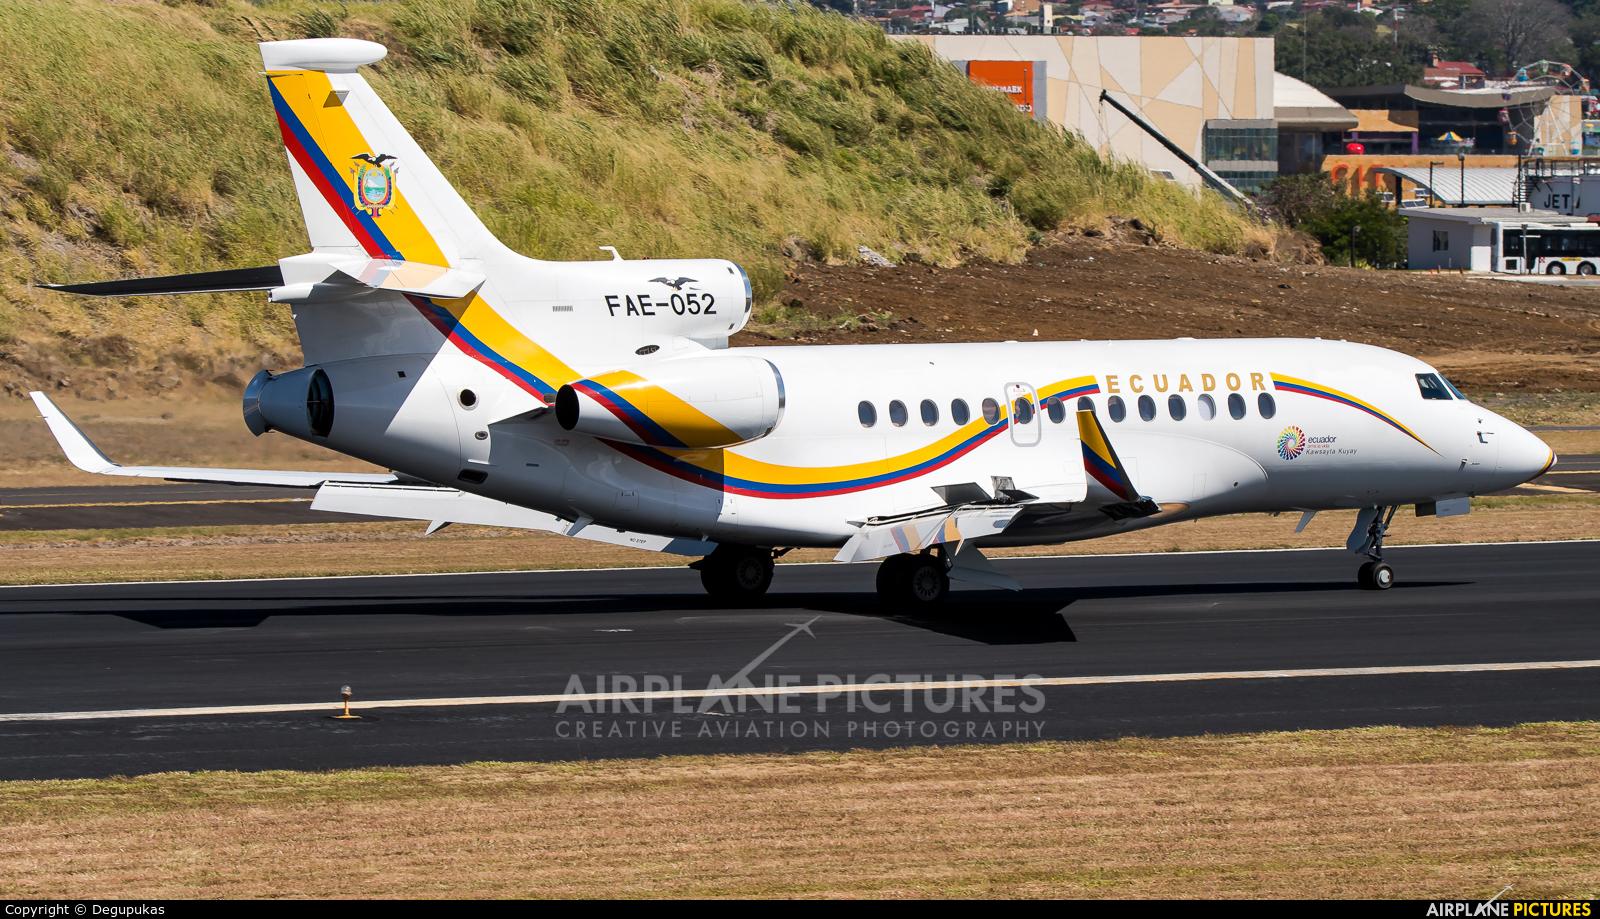 Ecuador - Air Force FAE-052 aircraft at San Jose - Juan Santamaría Intl